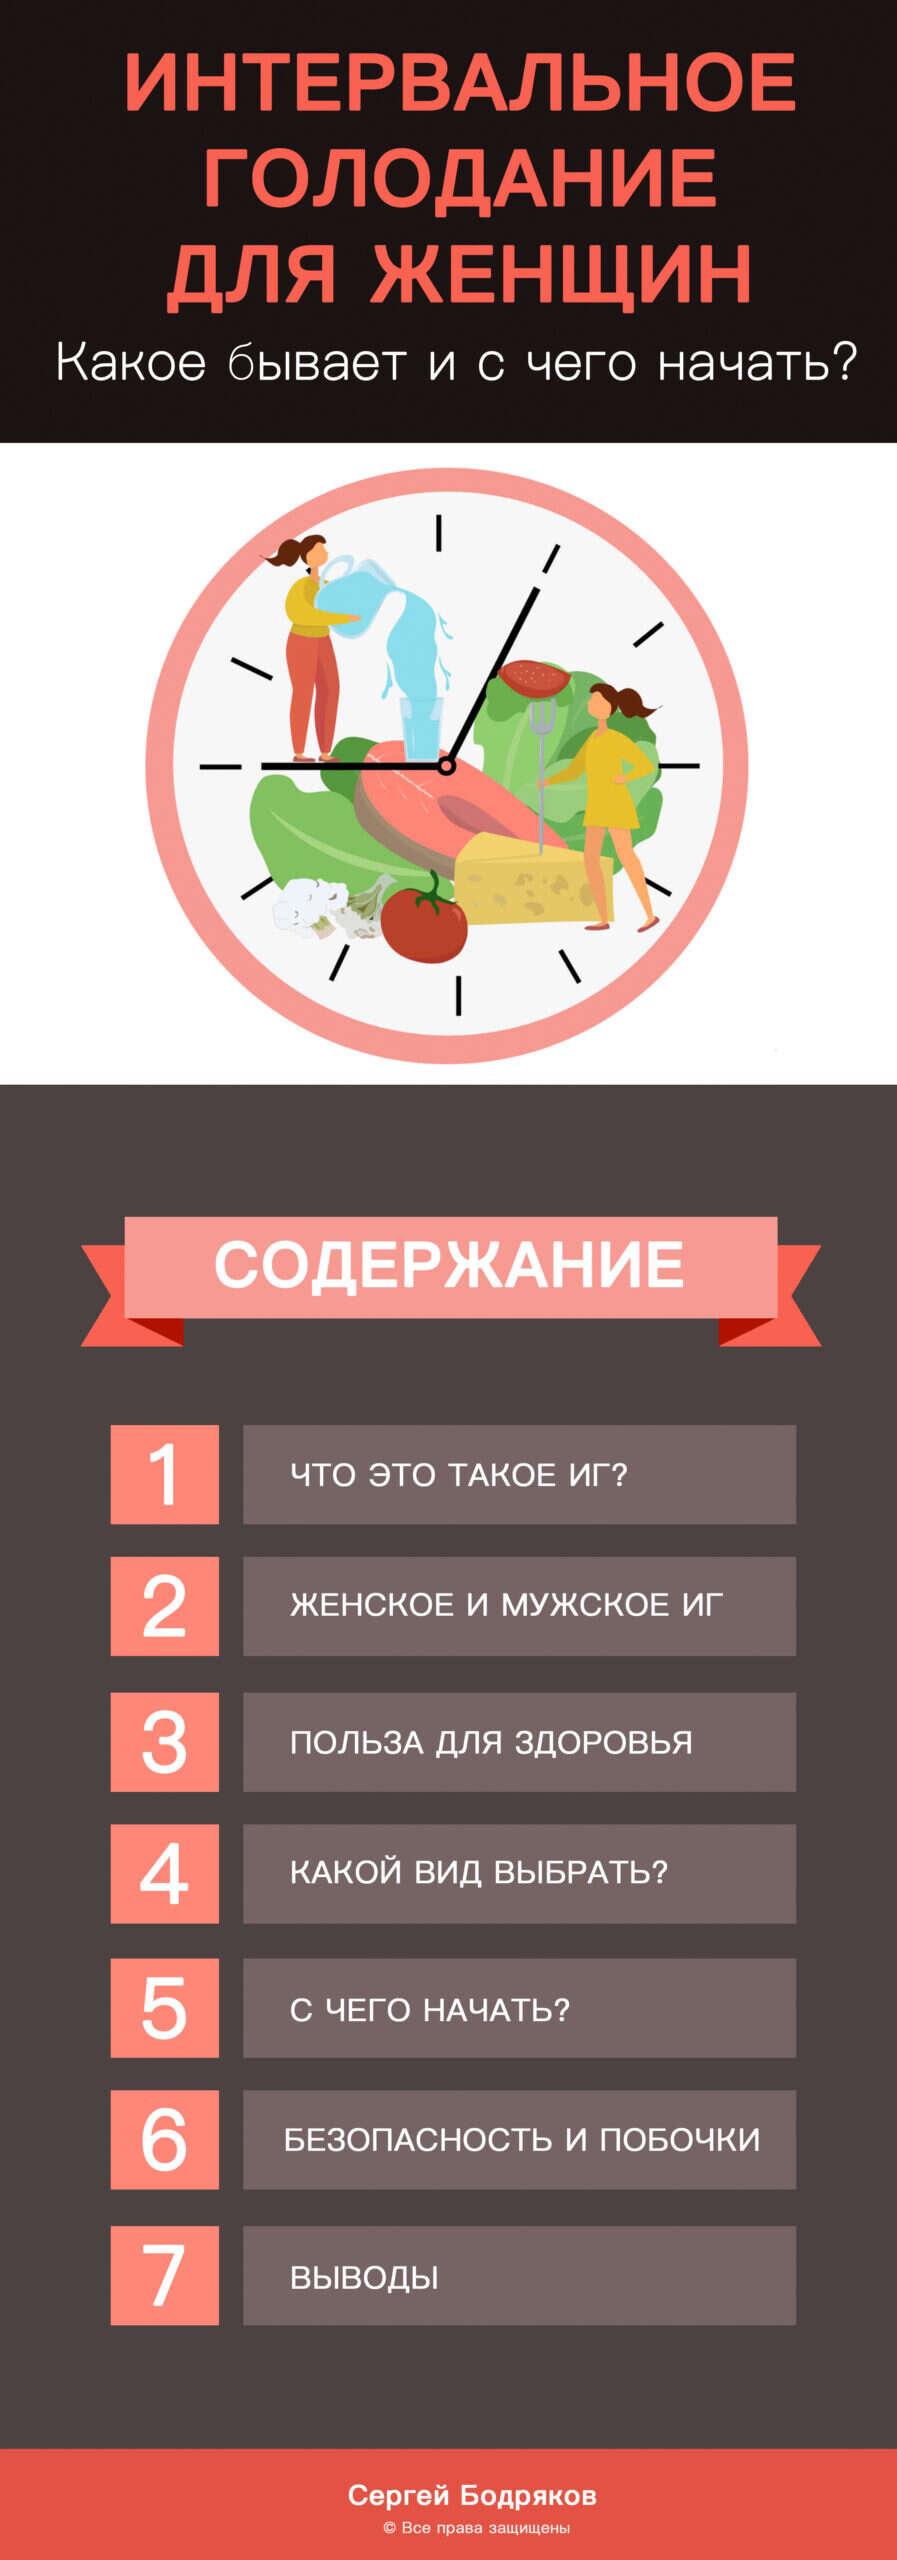 intervalnoe-golodanie-dlya-zhenschin